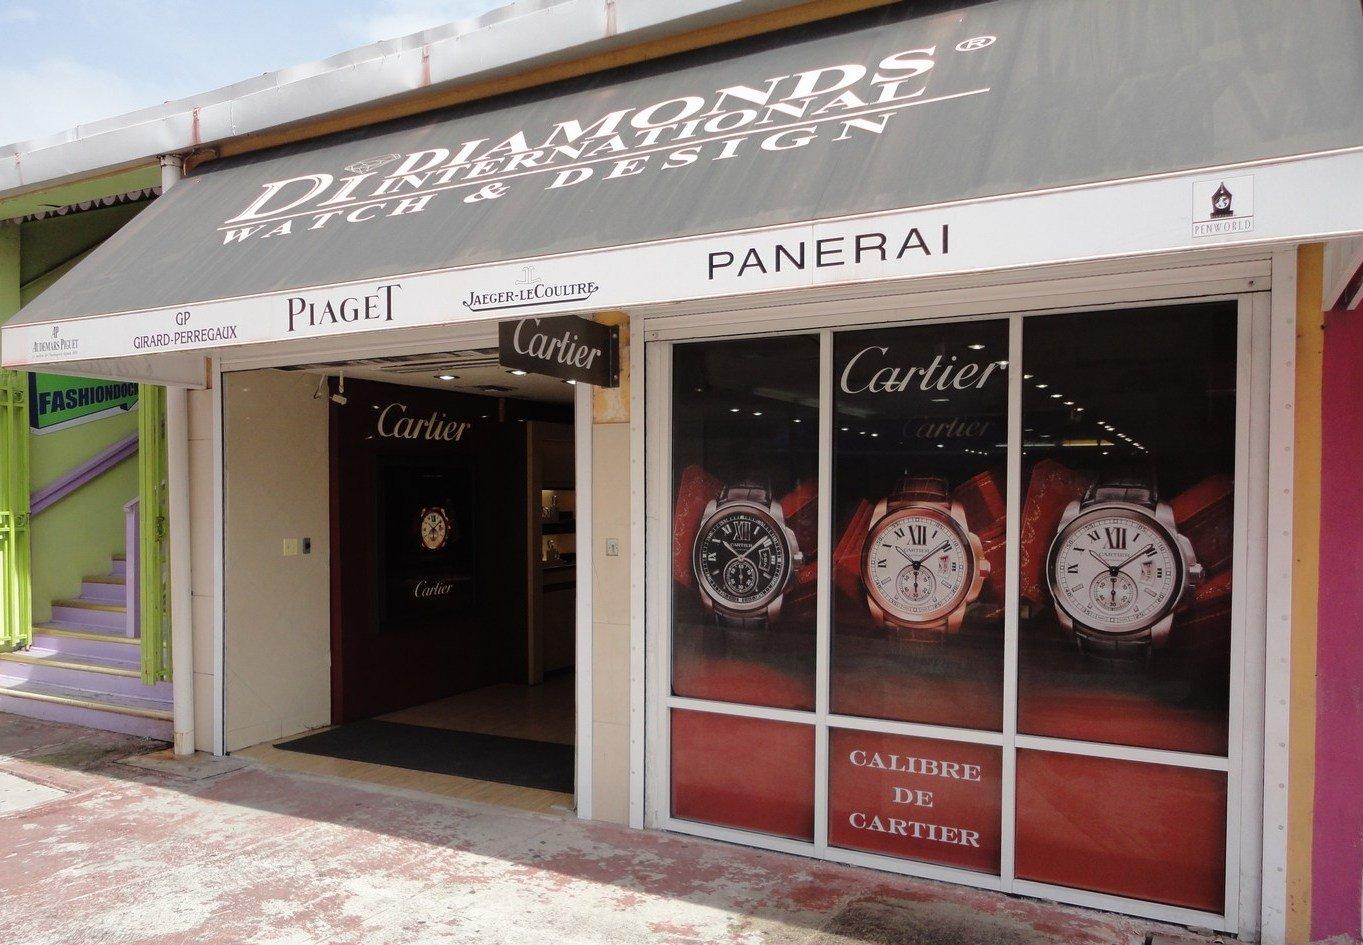 DI-Antigua-Calibre-Window-1